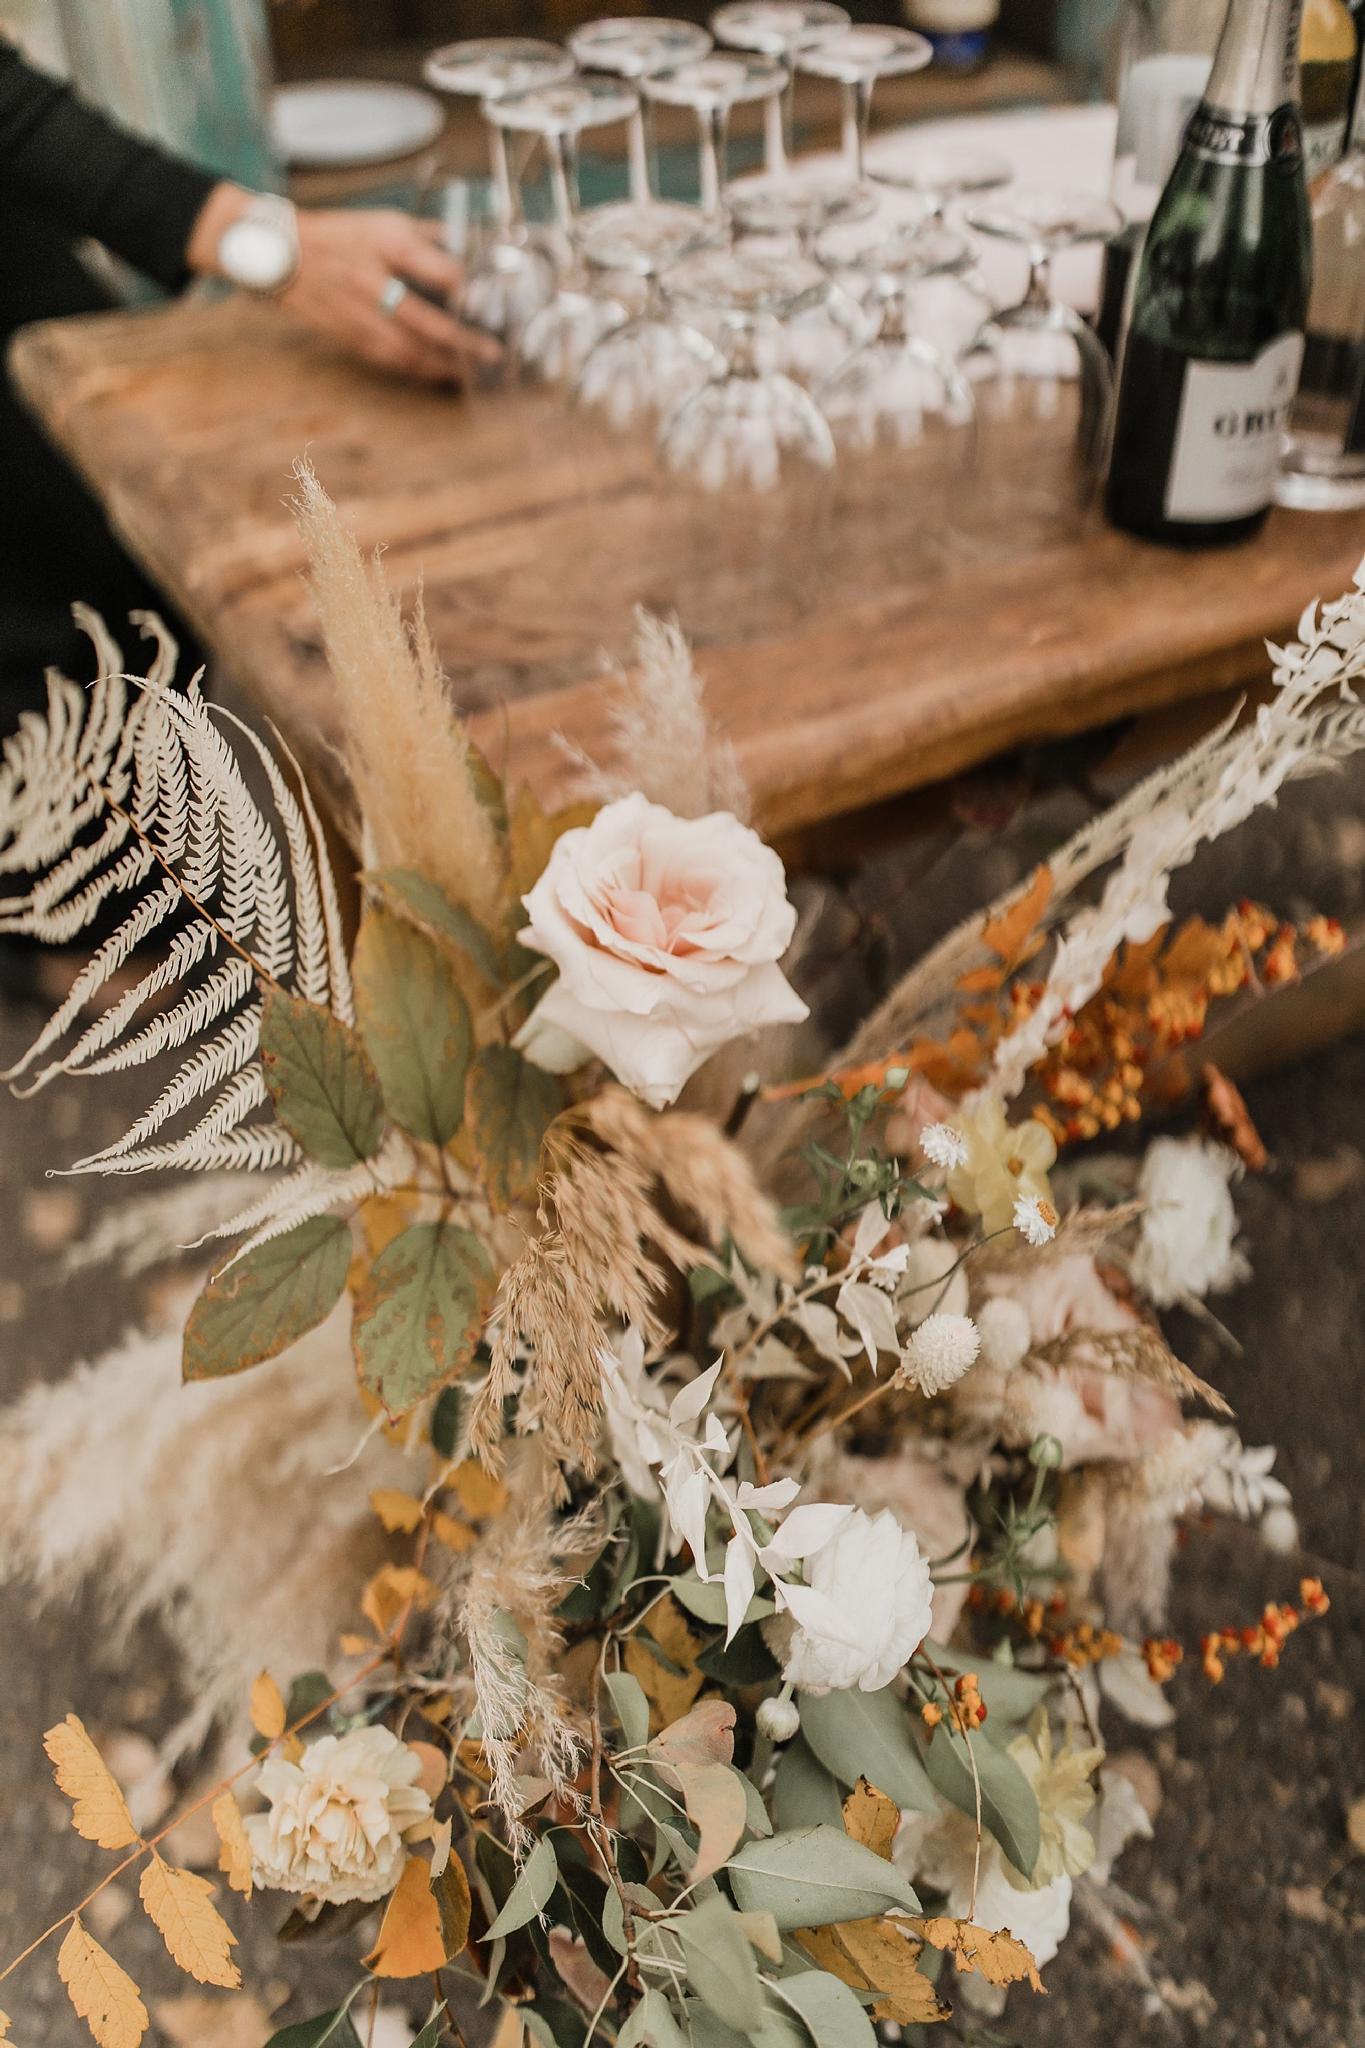 Alicia+lucia+photography+-+albuquerque+wedding+photographer+-+santa+fe+wedding+photography+-+new+mexico+wedding+photographer+-+new+mexico+wedding+-+new+mexico+florist+-+floriography+flowers+-+floriography+flowers+new+mexico+-+wedding+florist_0014.jpg